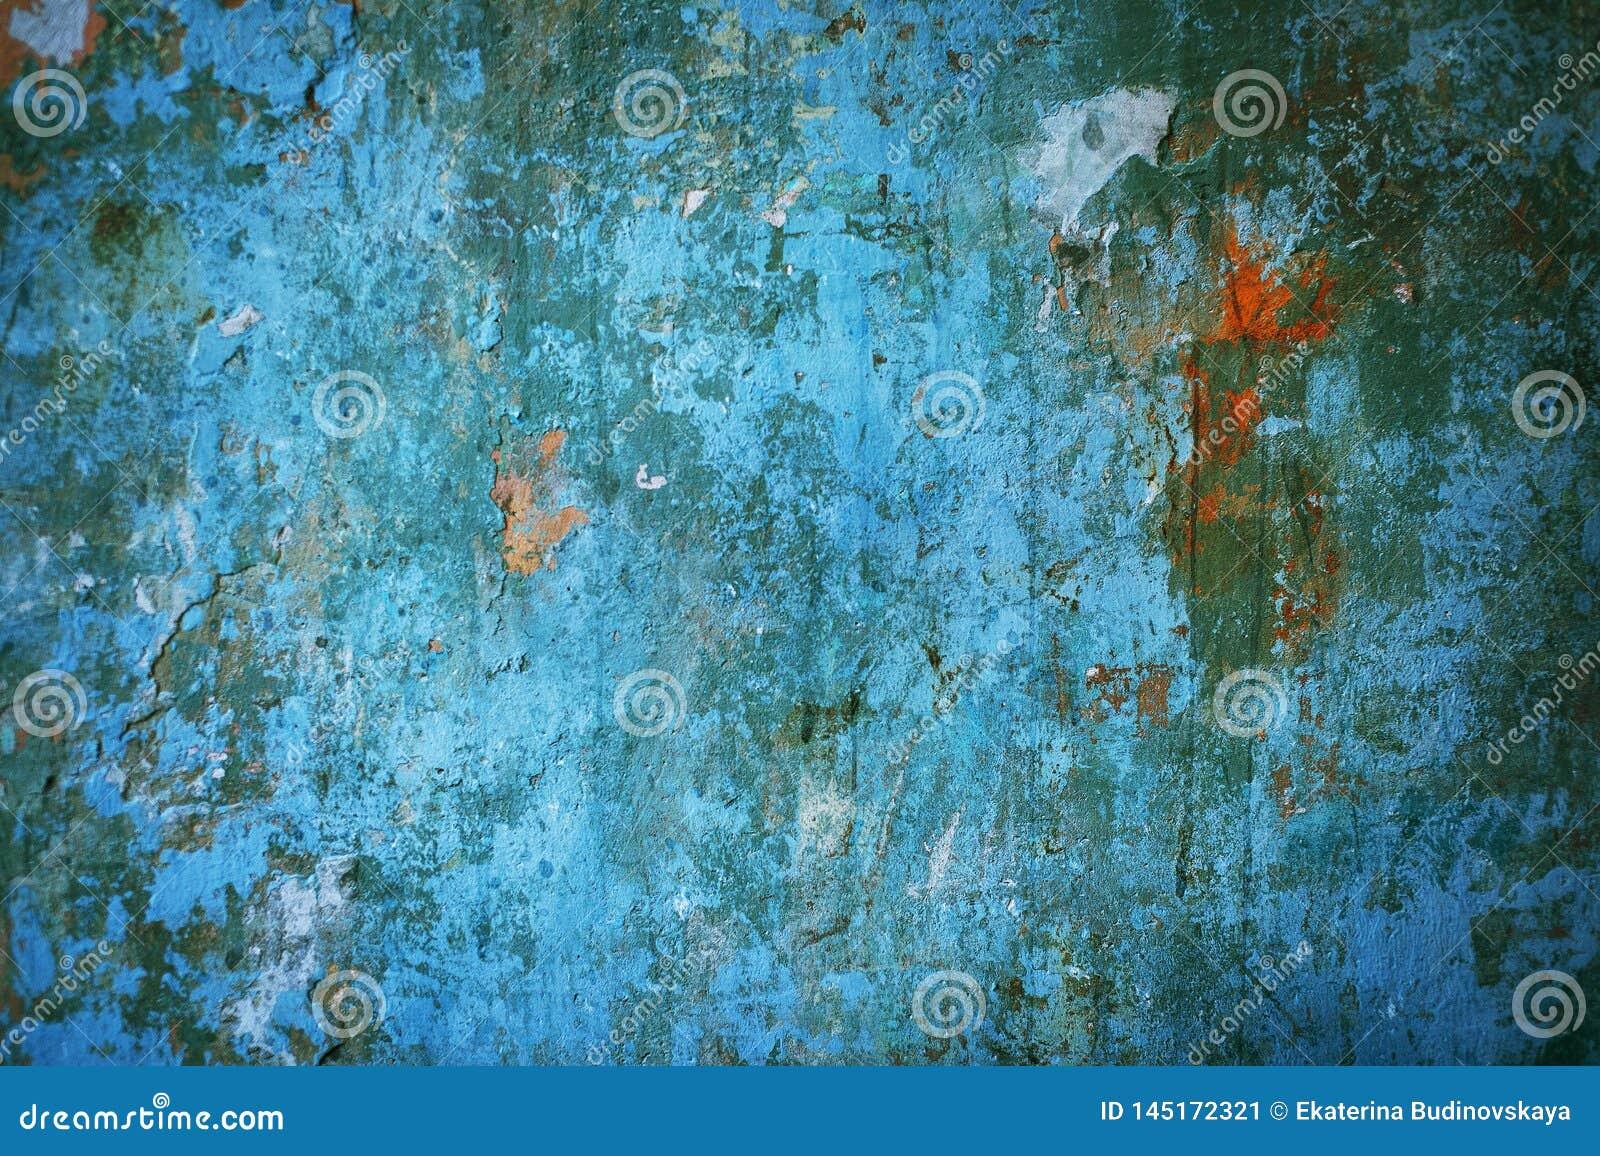 Multicolored concrete background